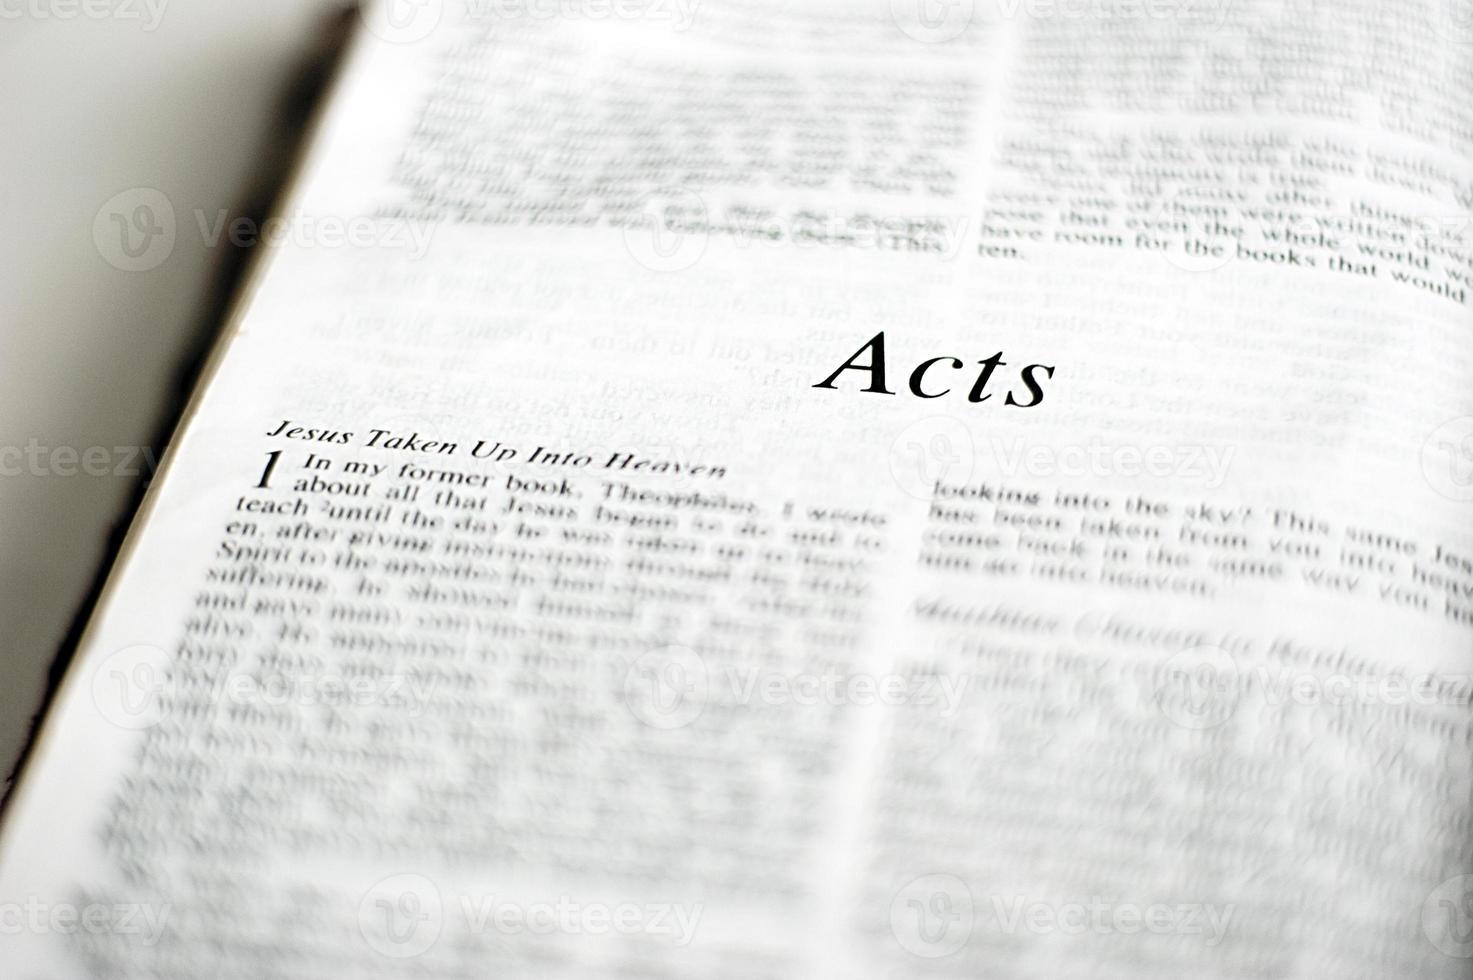 libro di atti nella Bibbia foto